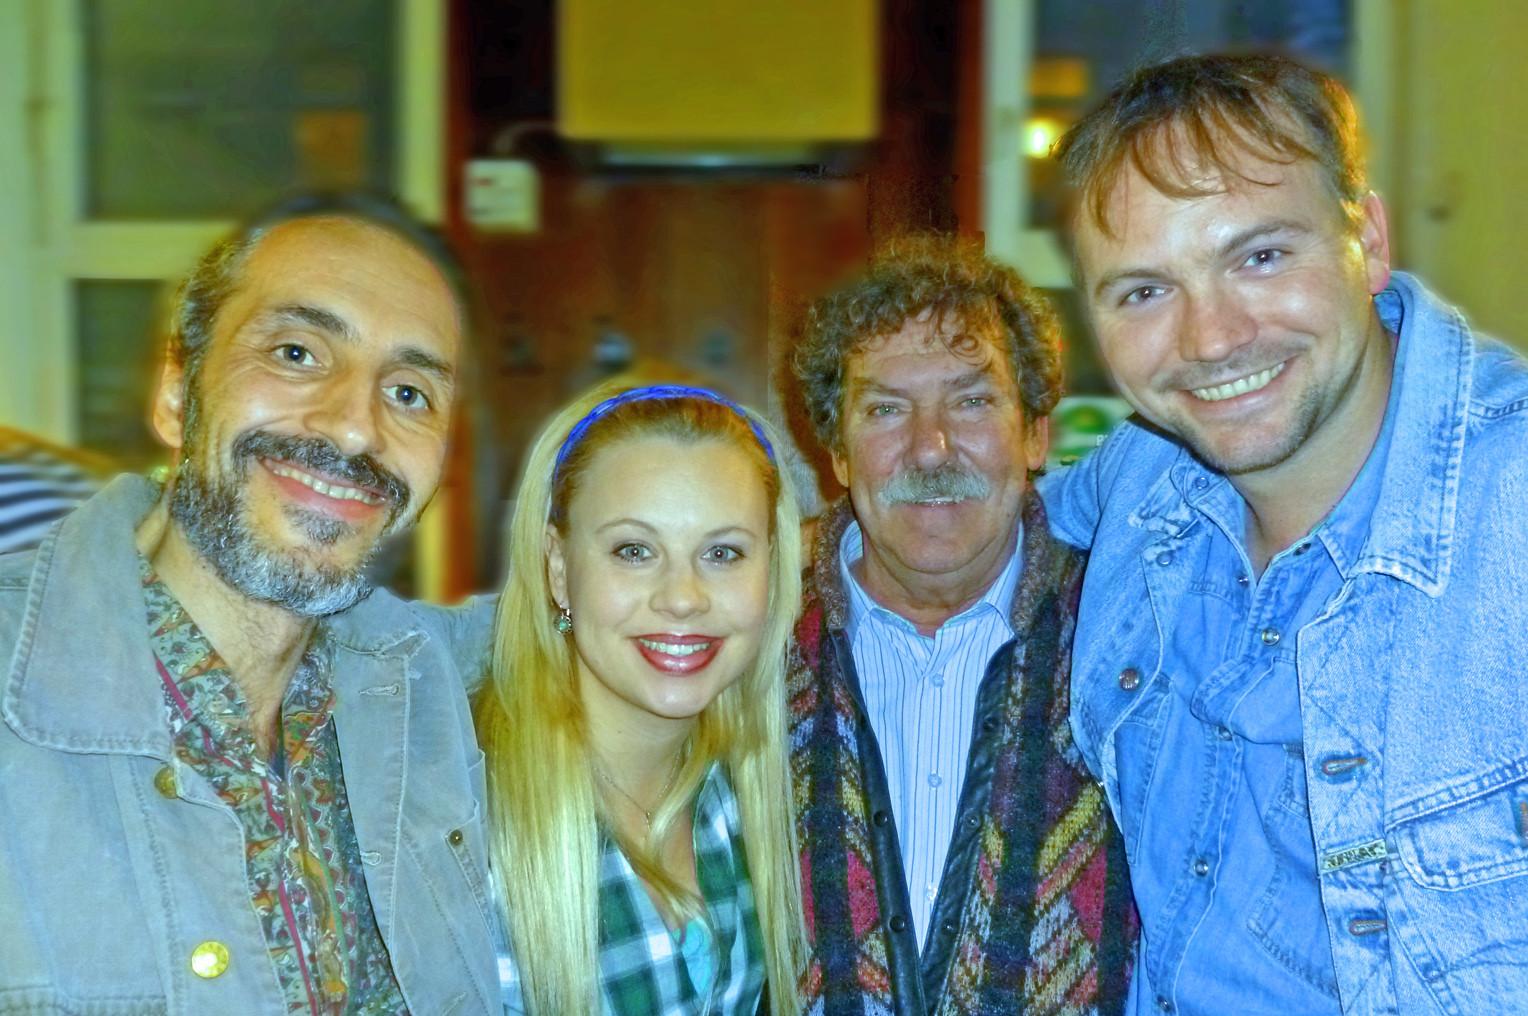 """Setfoto - ORF Comedy, """"Gemischtes Doppel"""", von links nach rechts- Siegbert Pacher, Katharina Strasser, Stefan Jirges, Thomas Stipsits"""